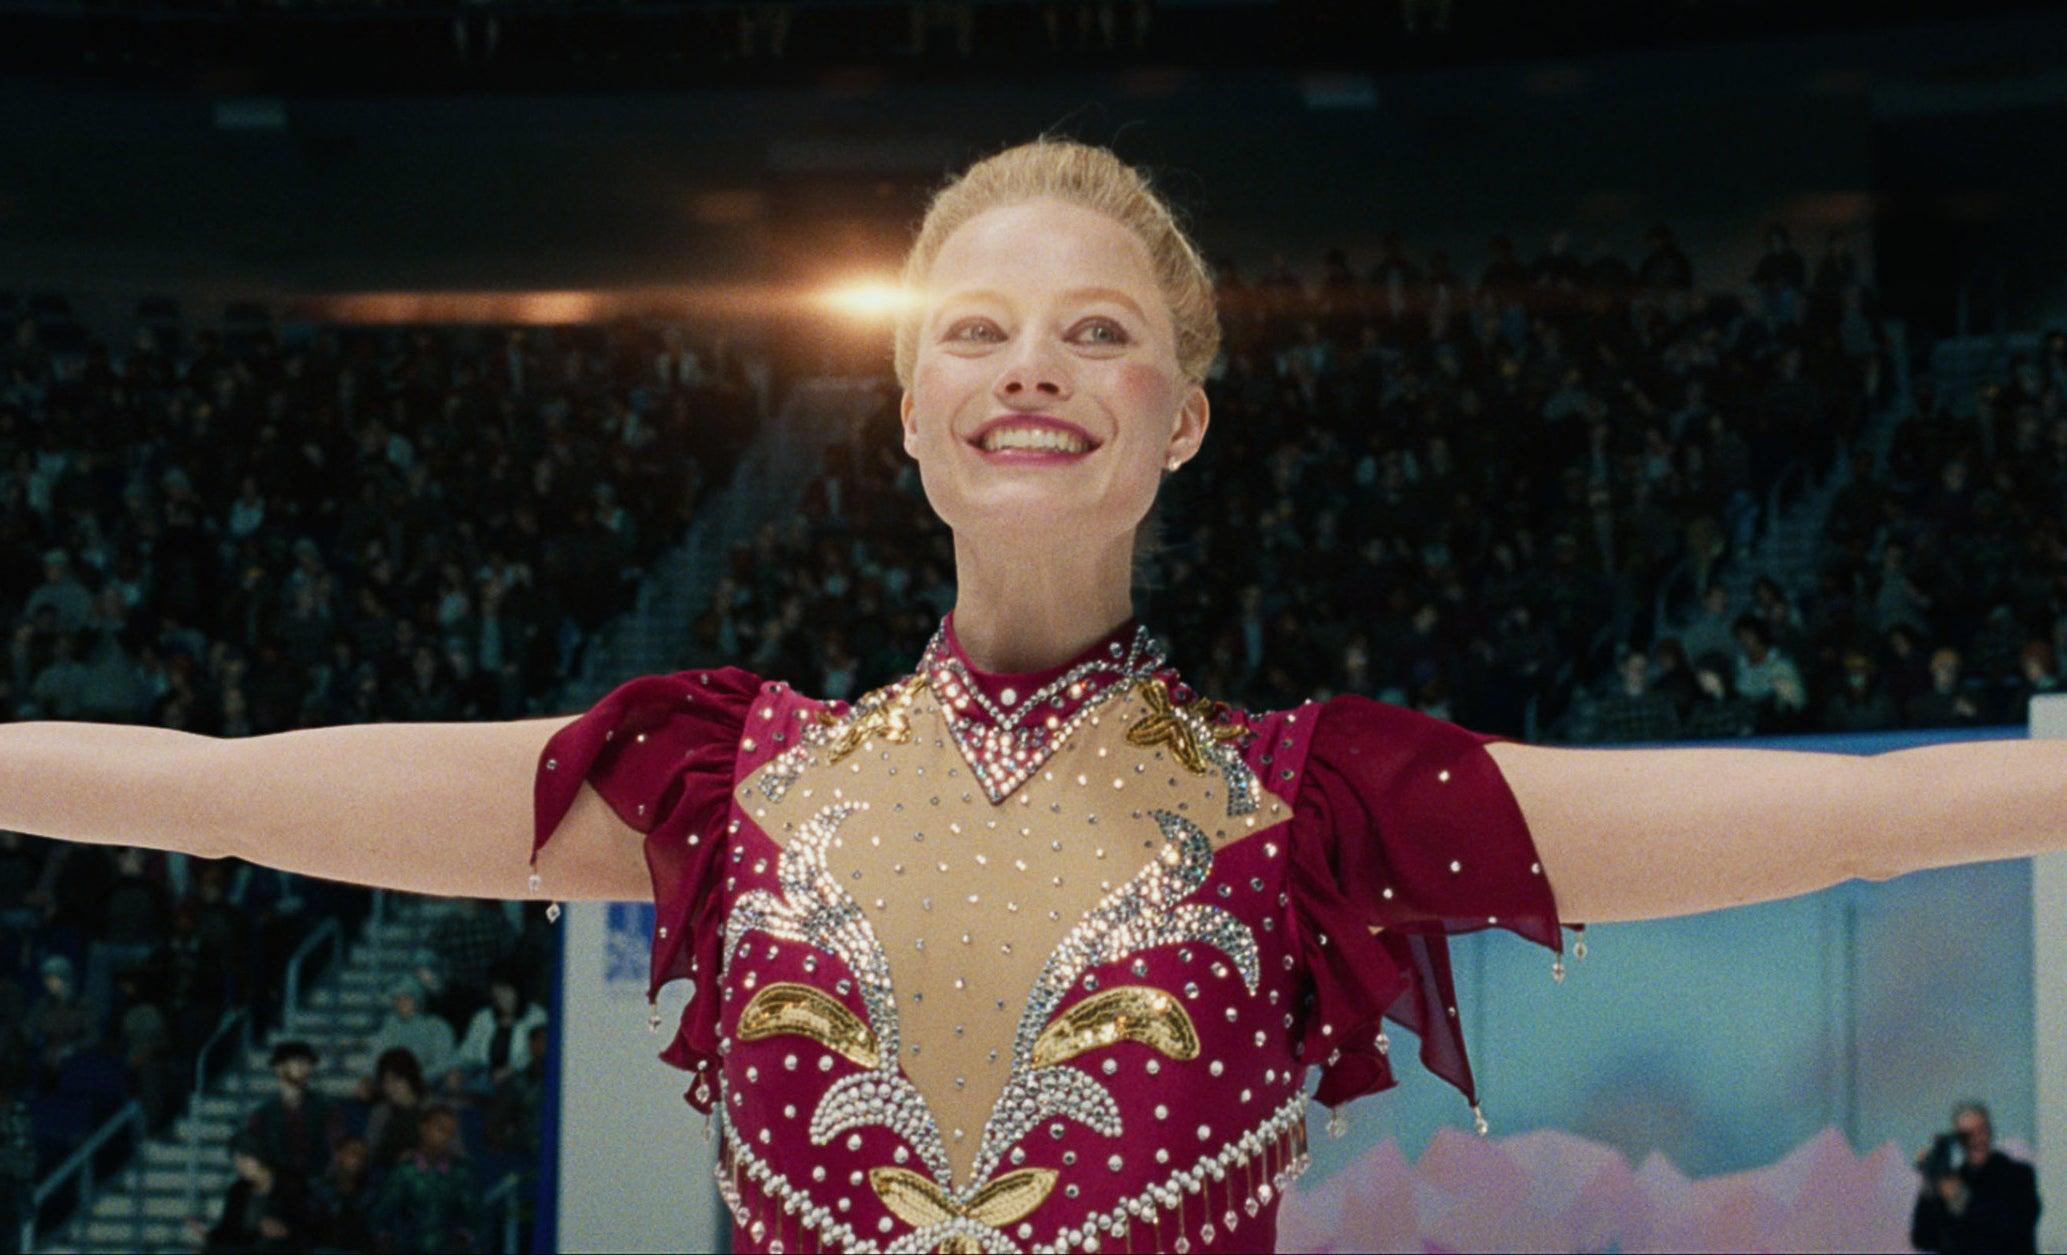 Margot Robbie as Tonya Harding smiling while skating